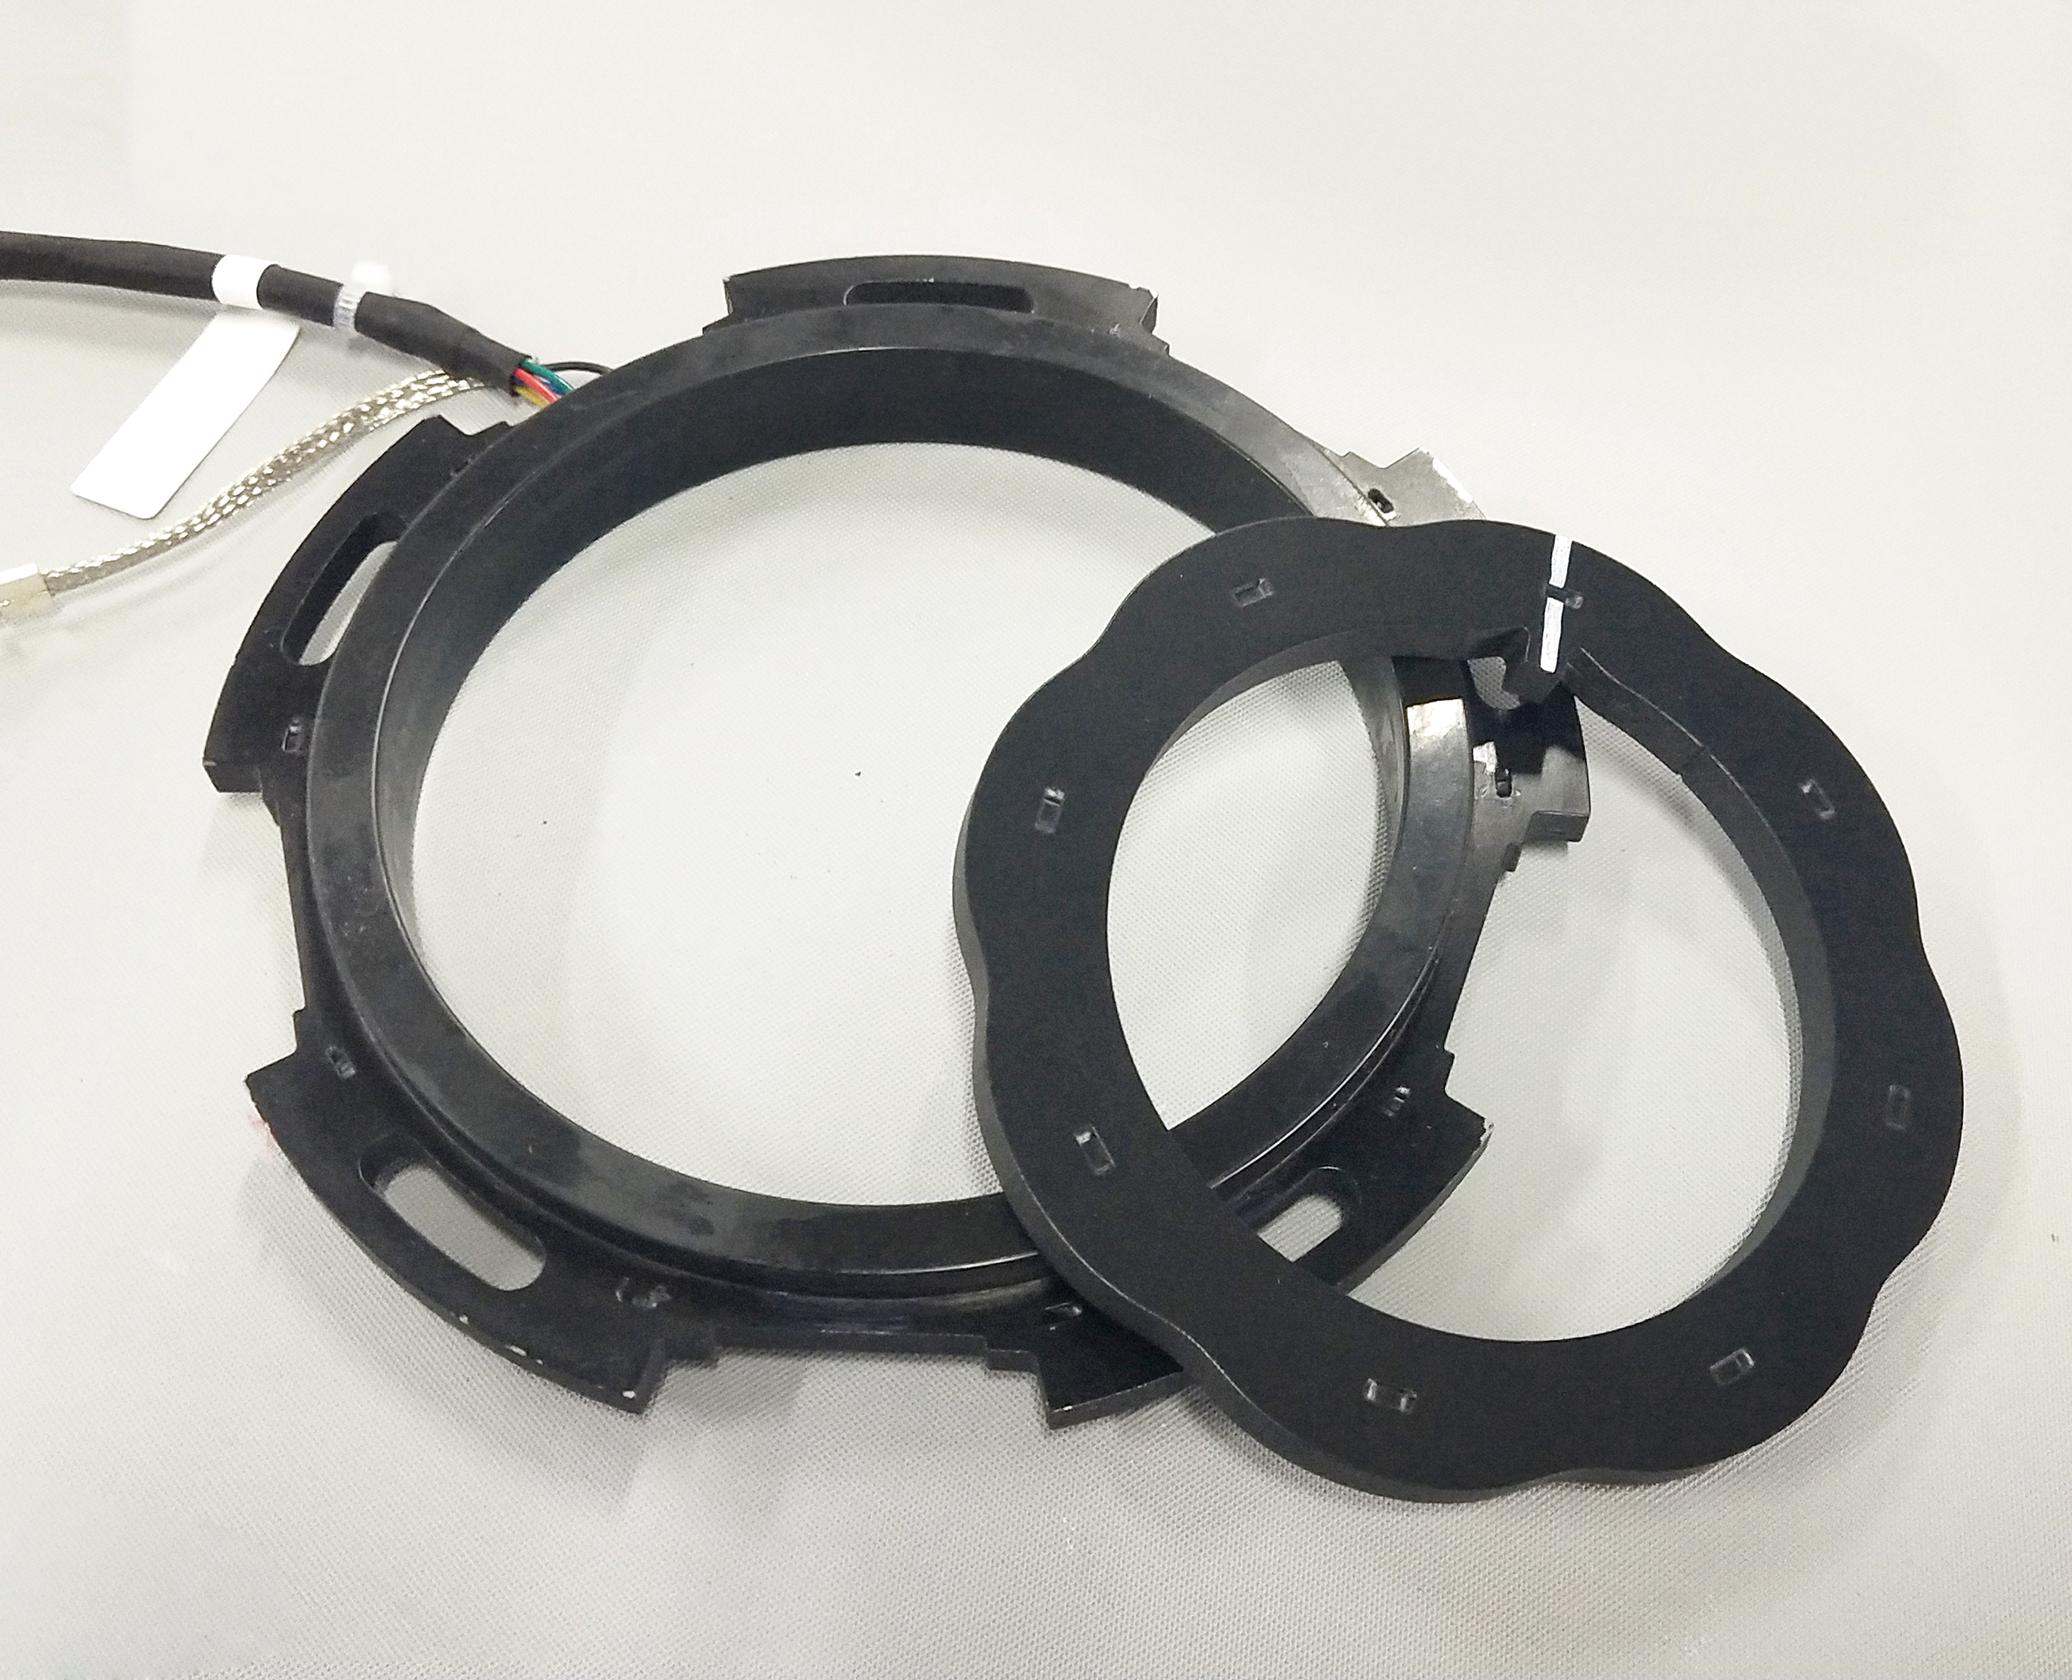 赢双 J160XU9738A 160系列磁阻式旋转变压器